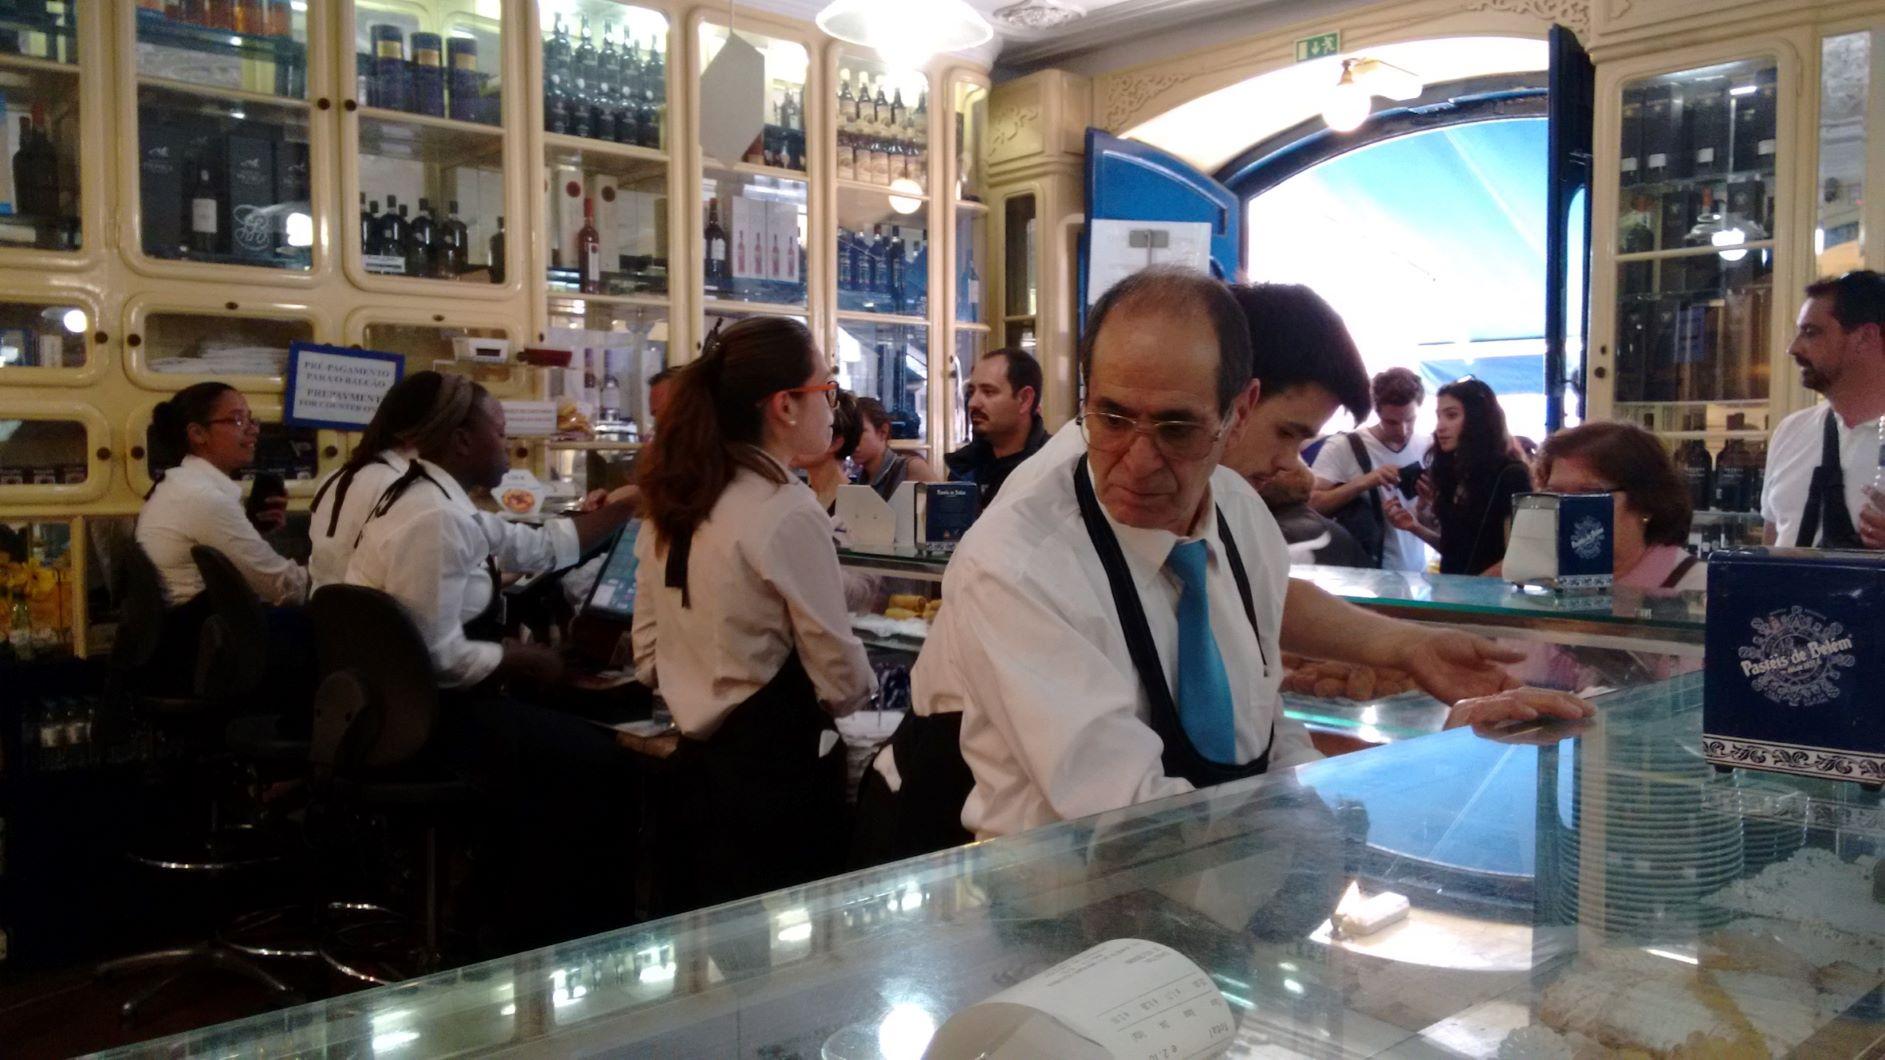 pasteis de nata place in lisbon